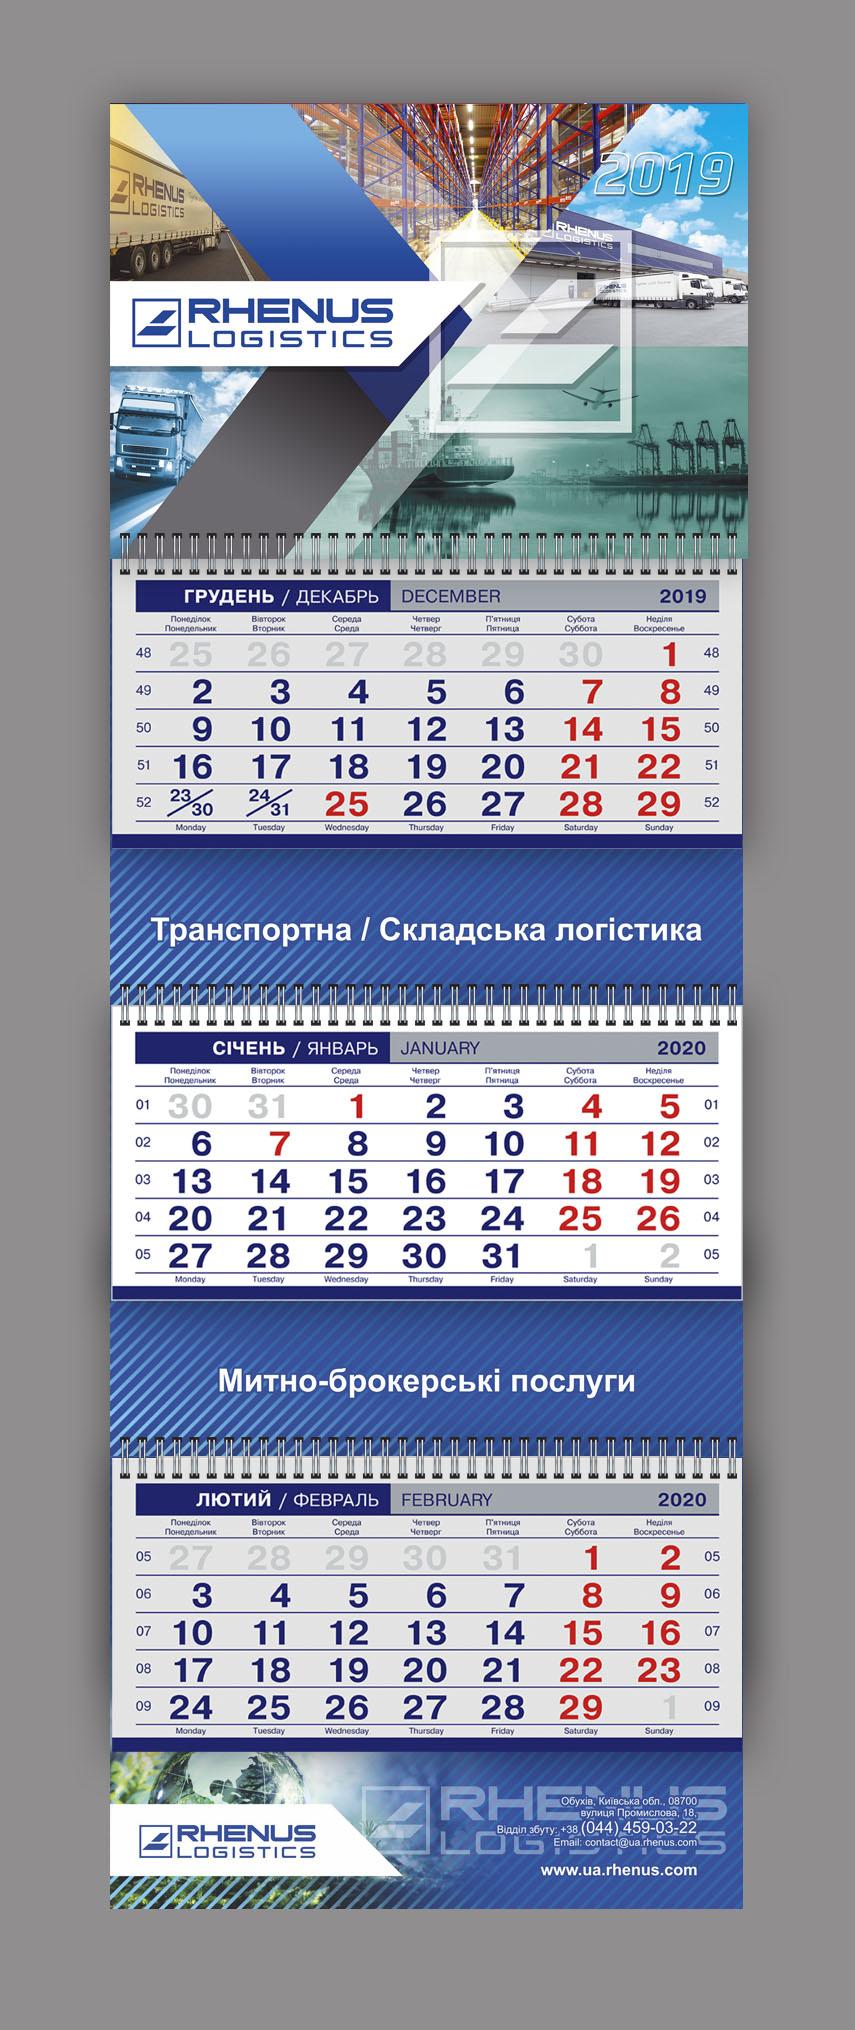 Дизайн квартального календаря логистической компании Rhenus 2020 Вариант №3 http://www.makety.top